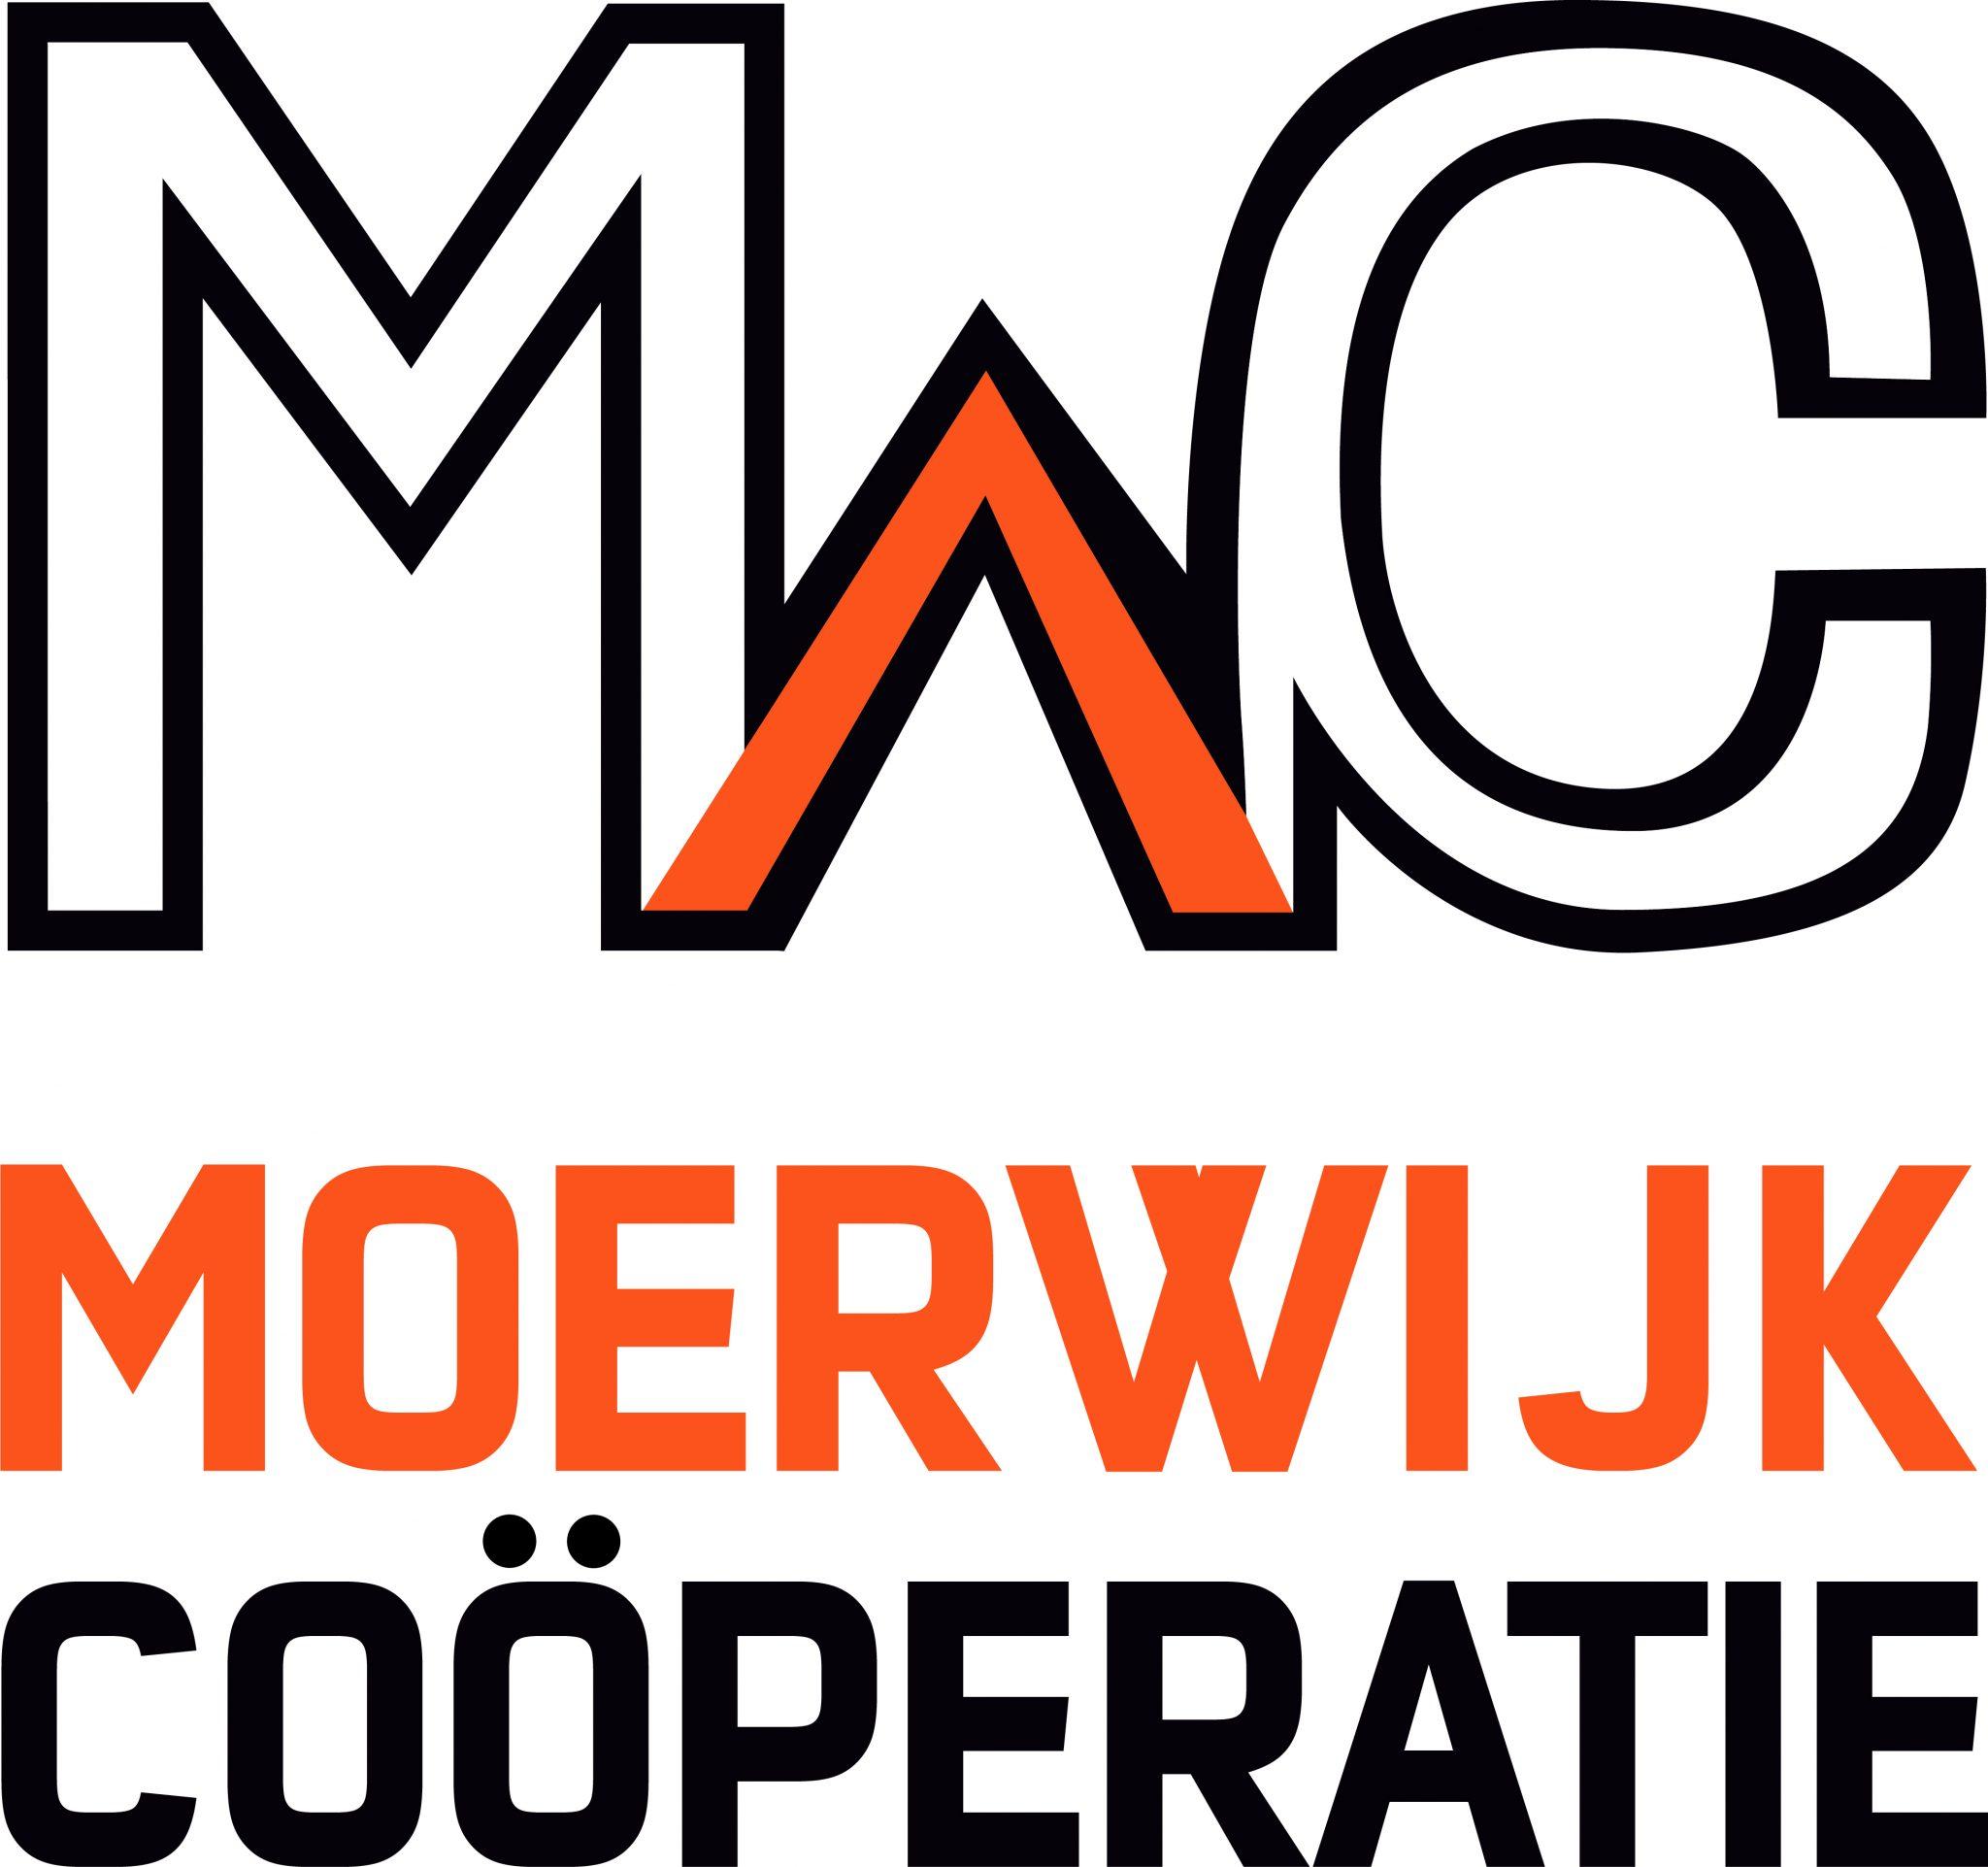 Moerwijk Coöperatie logo 2020